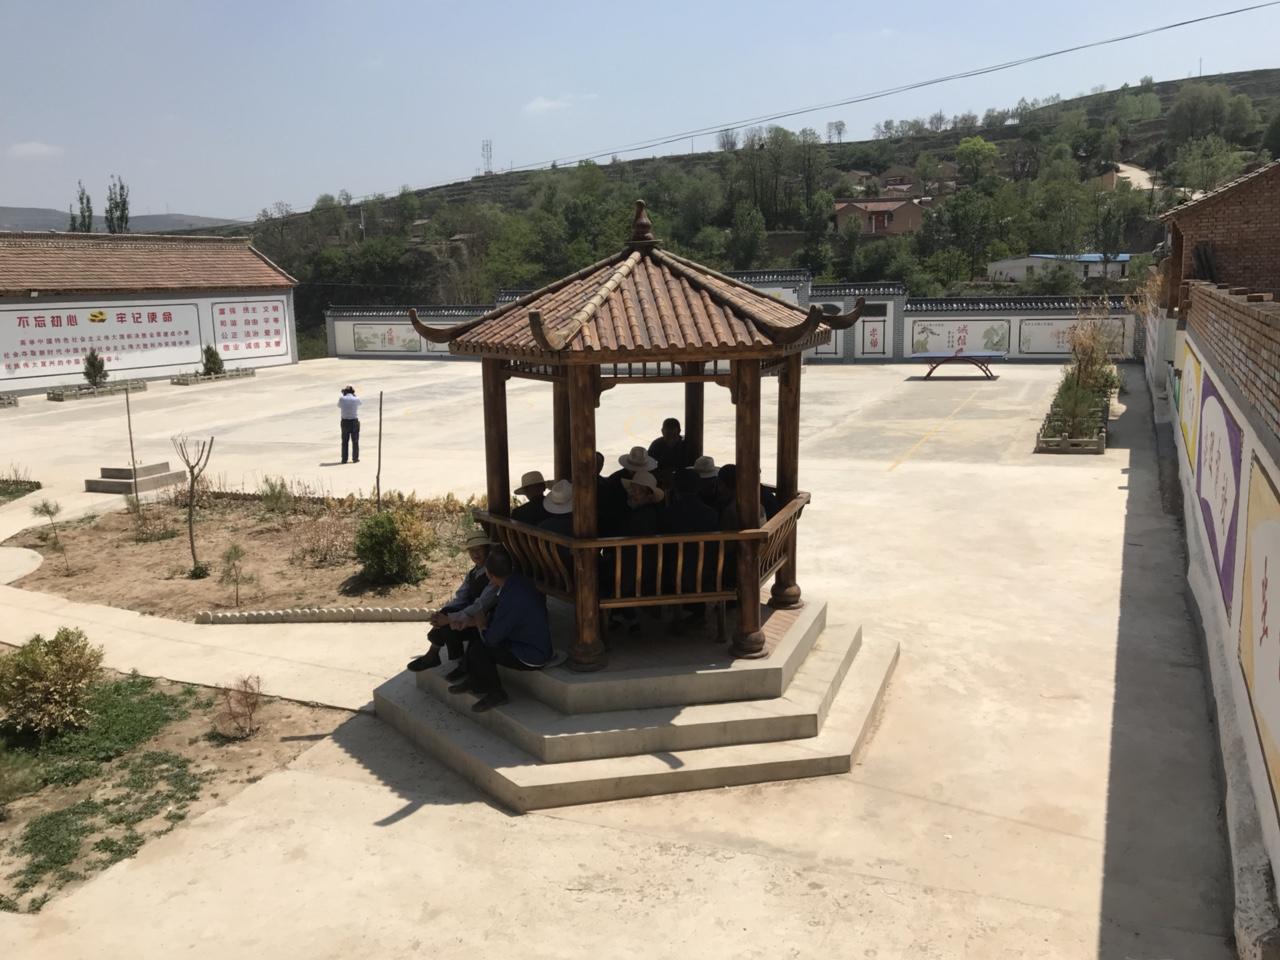 【文化惠民】马关镇韦沟村综合文化服务中心风�